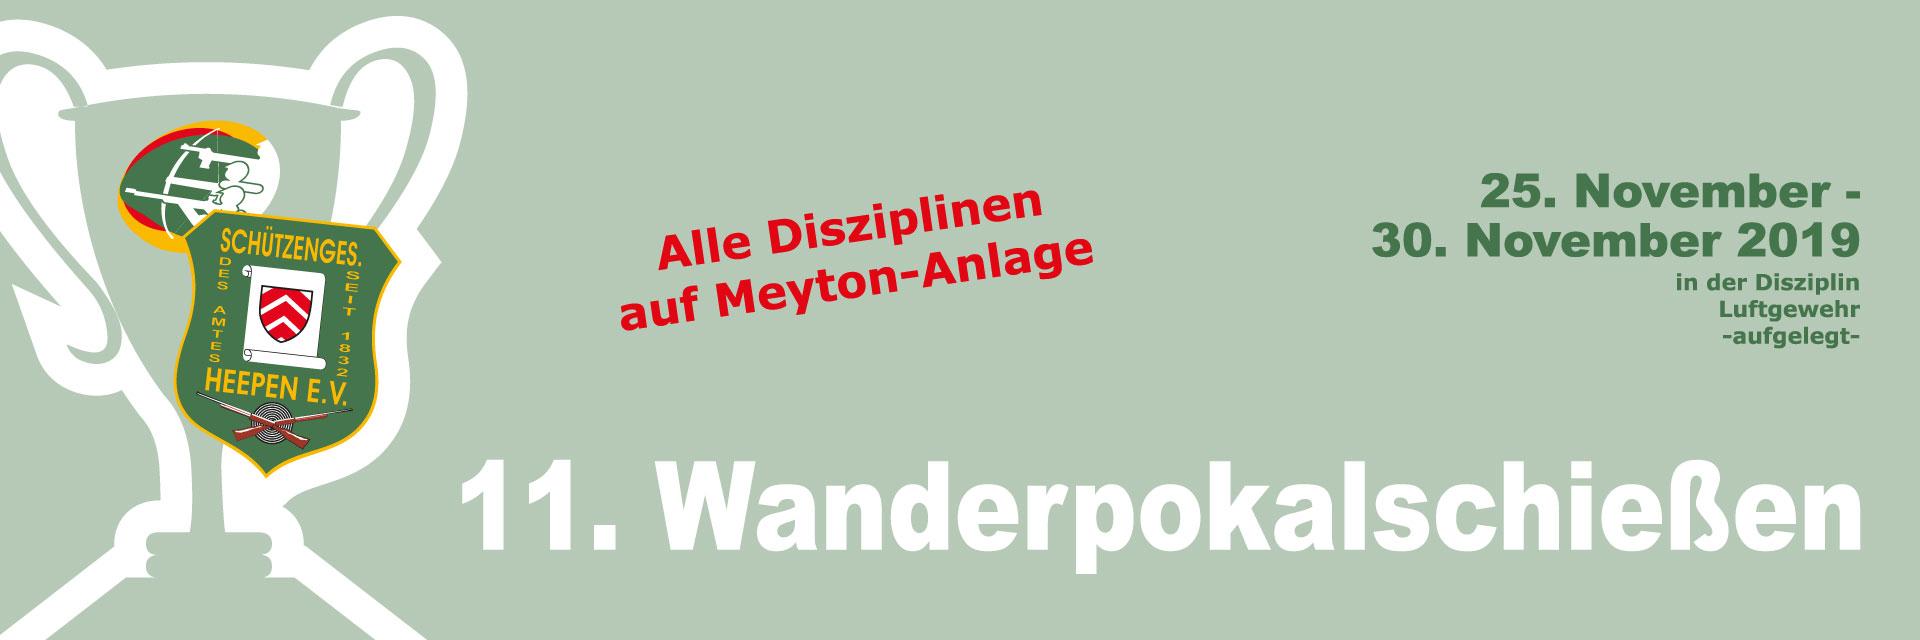 Banner Wanderpokalschiessen